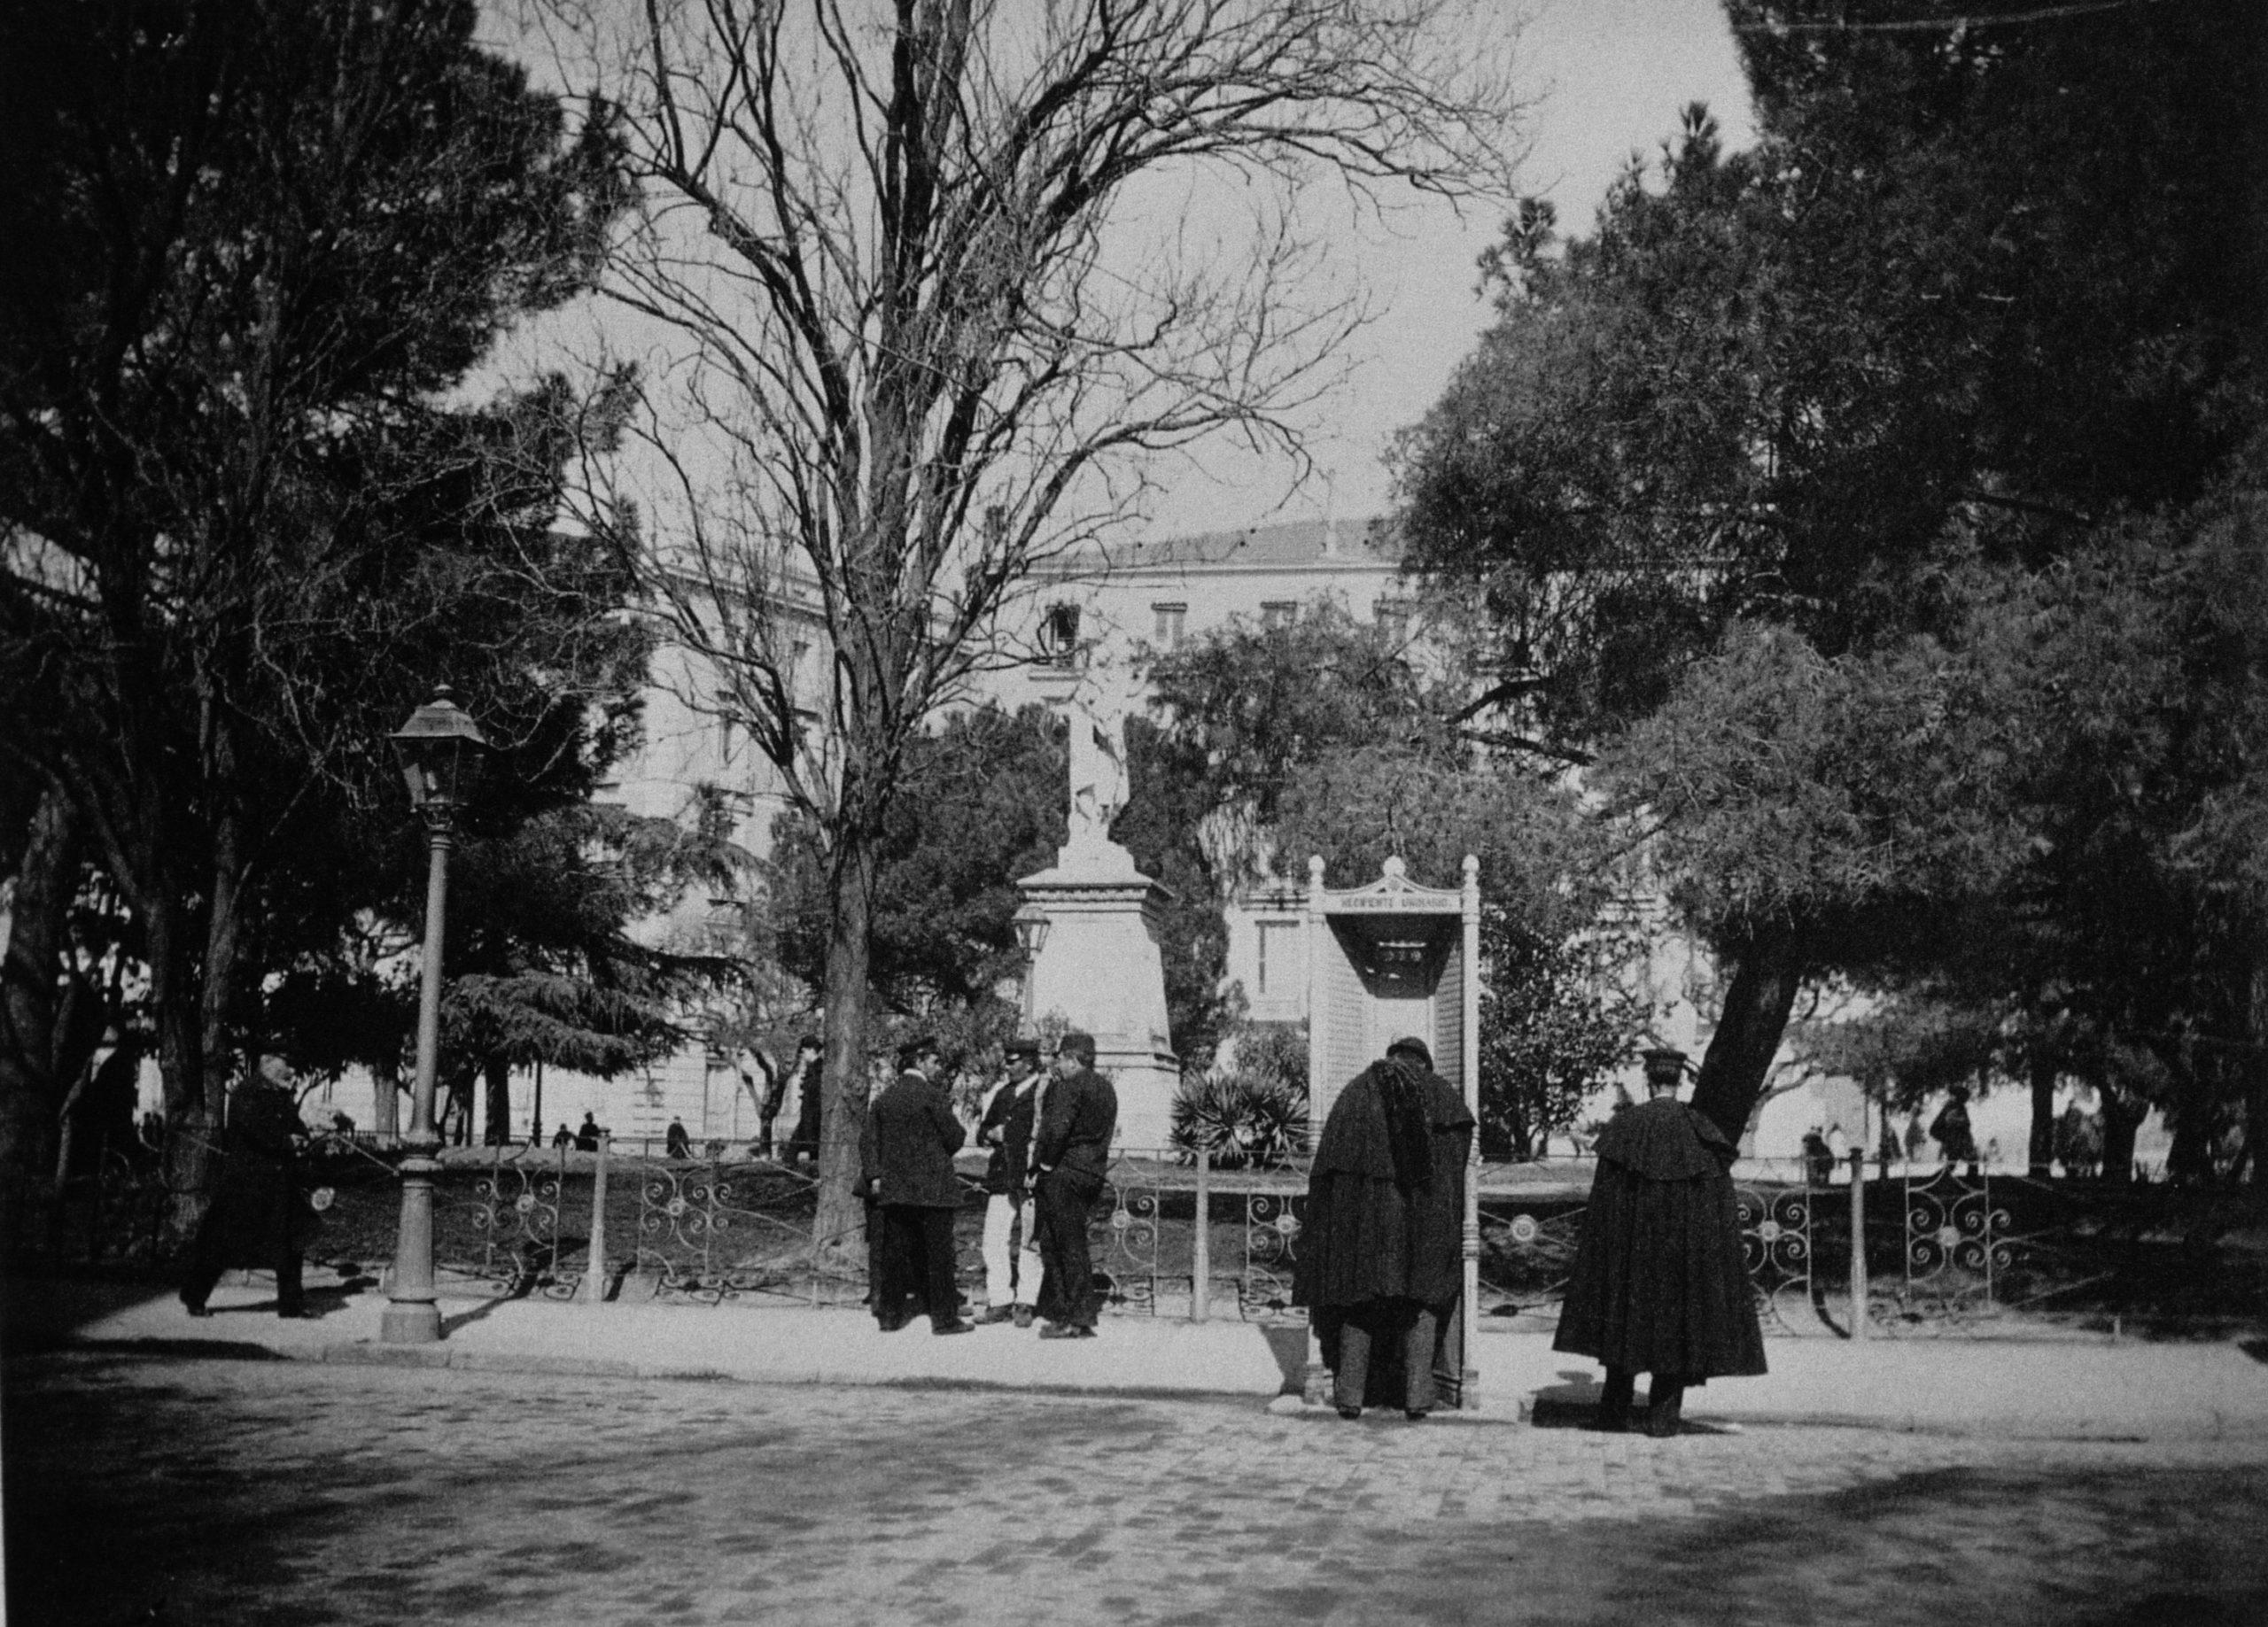 Plaza de Isabel II